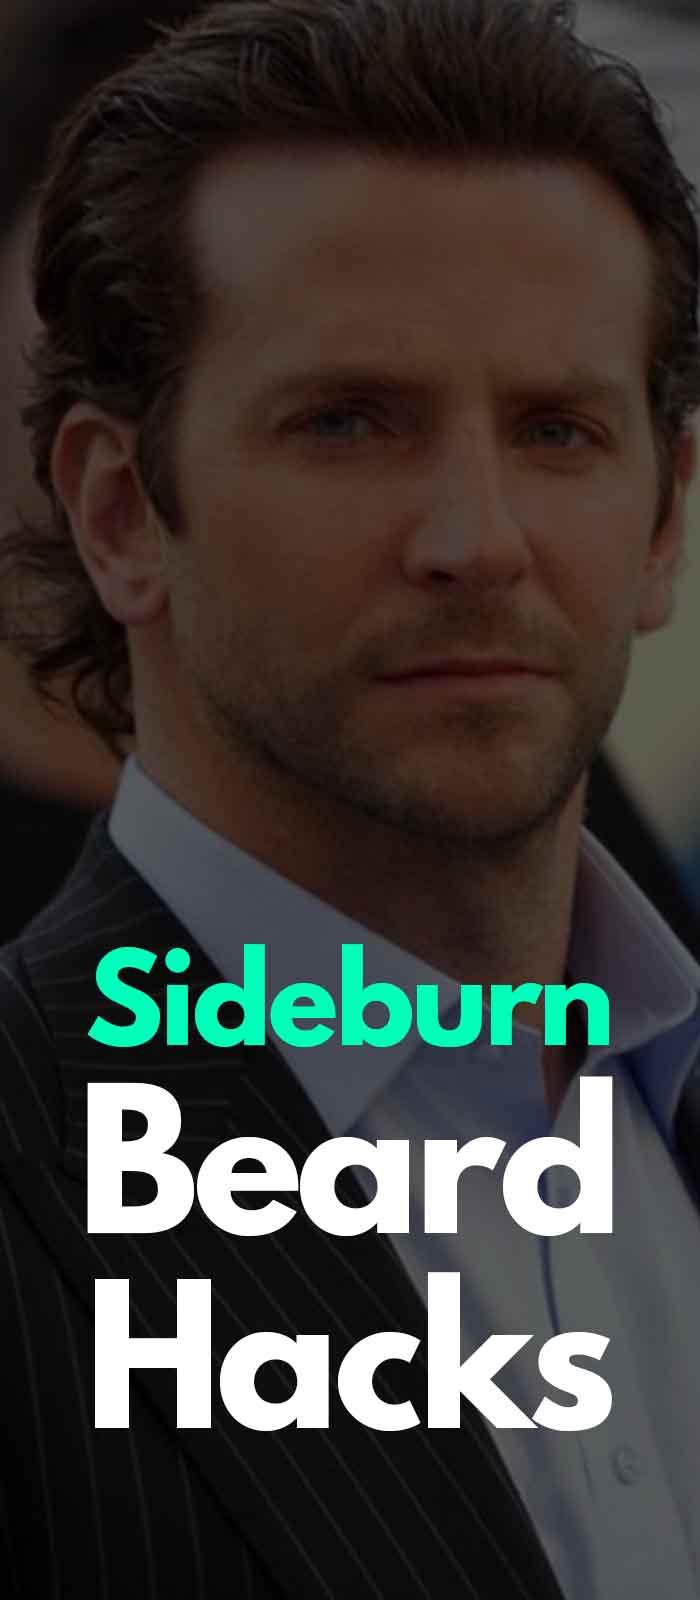 Short Sideburn for men to try!